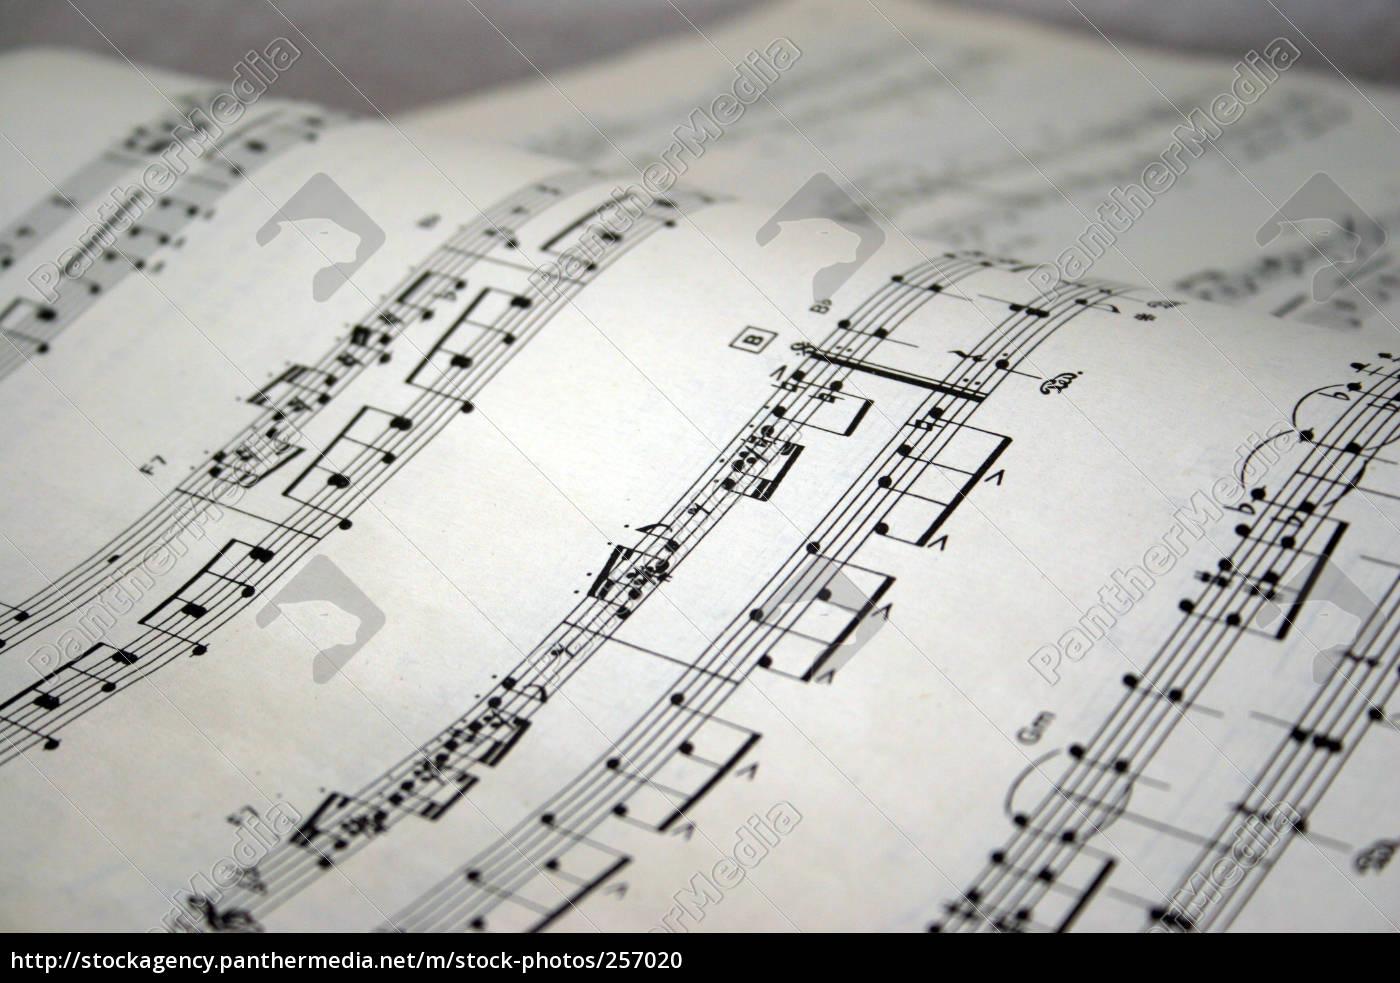 piano, sheet, music - 257020